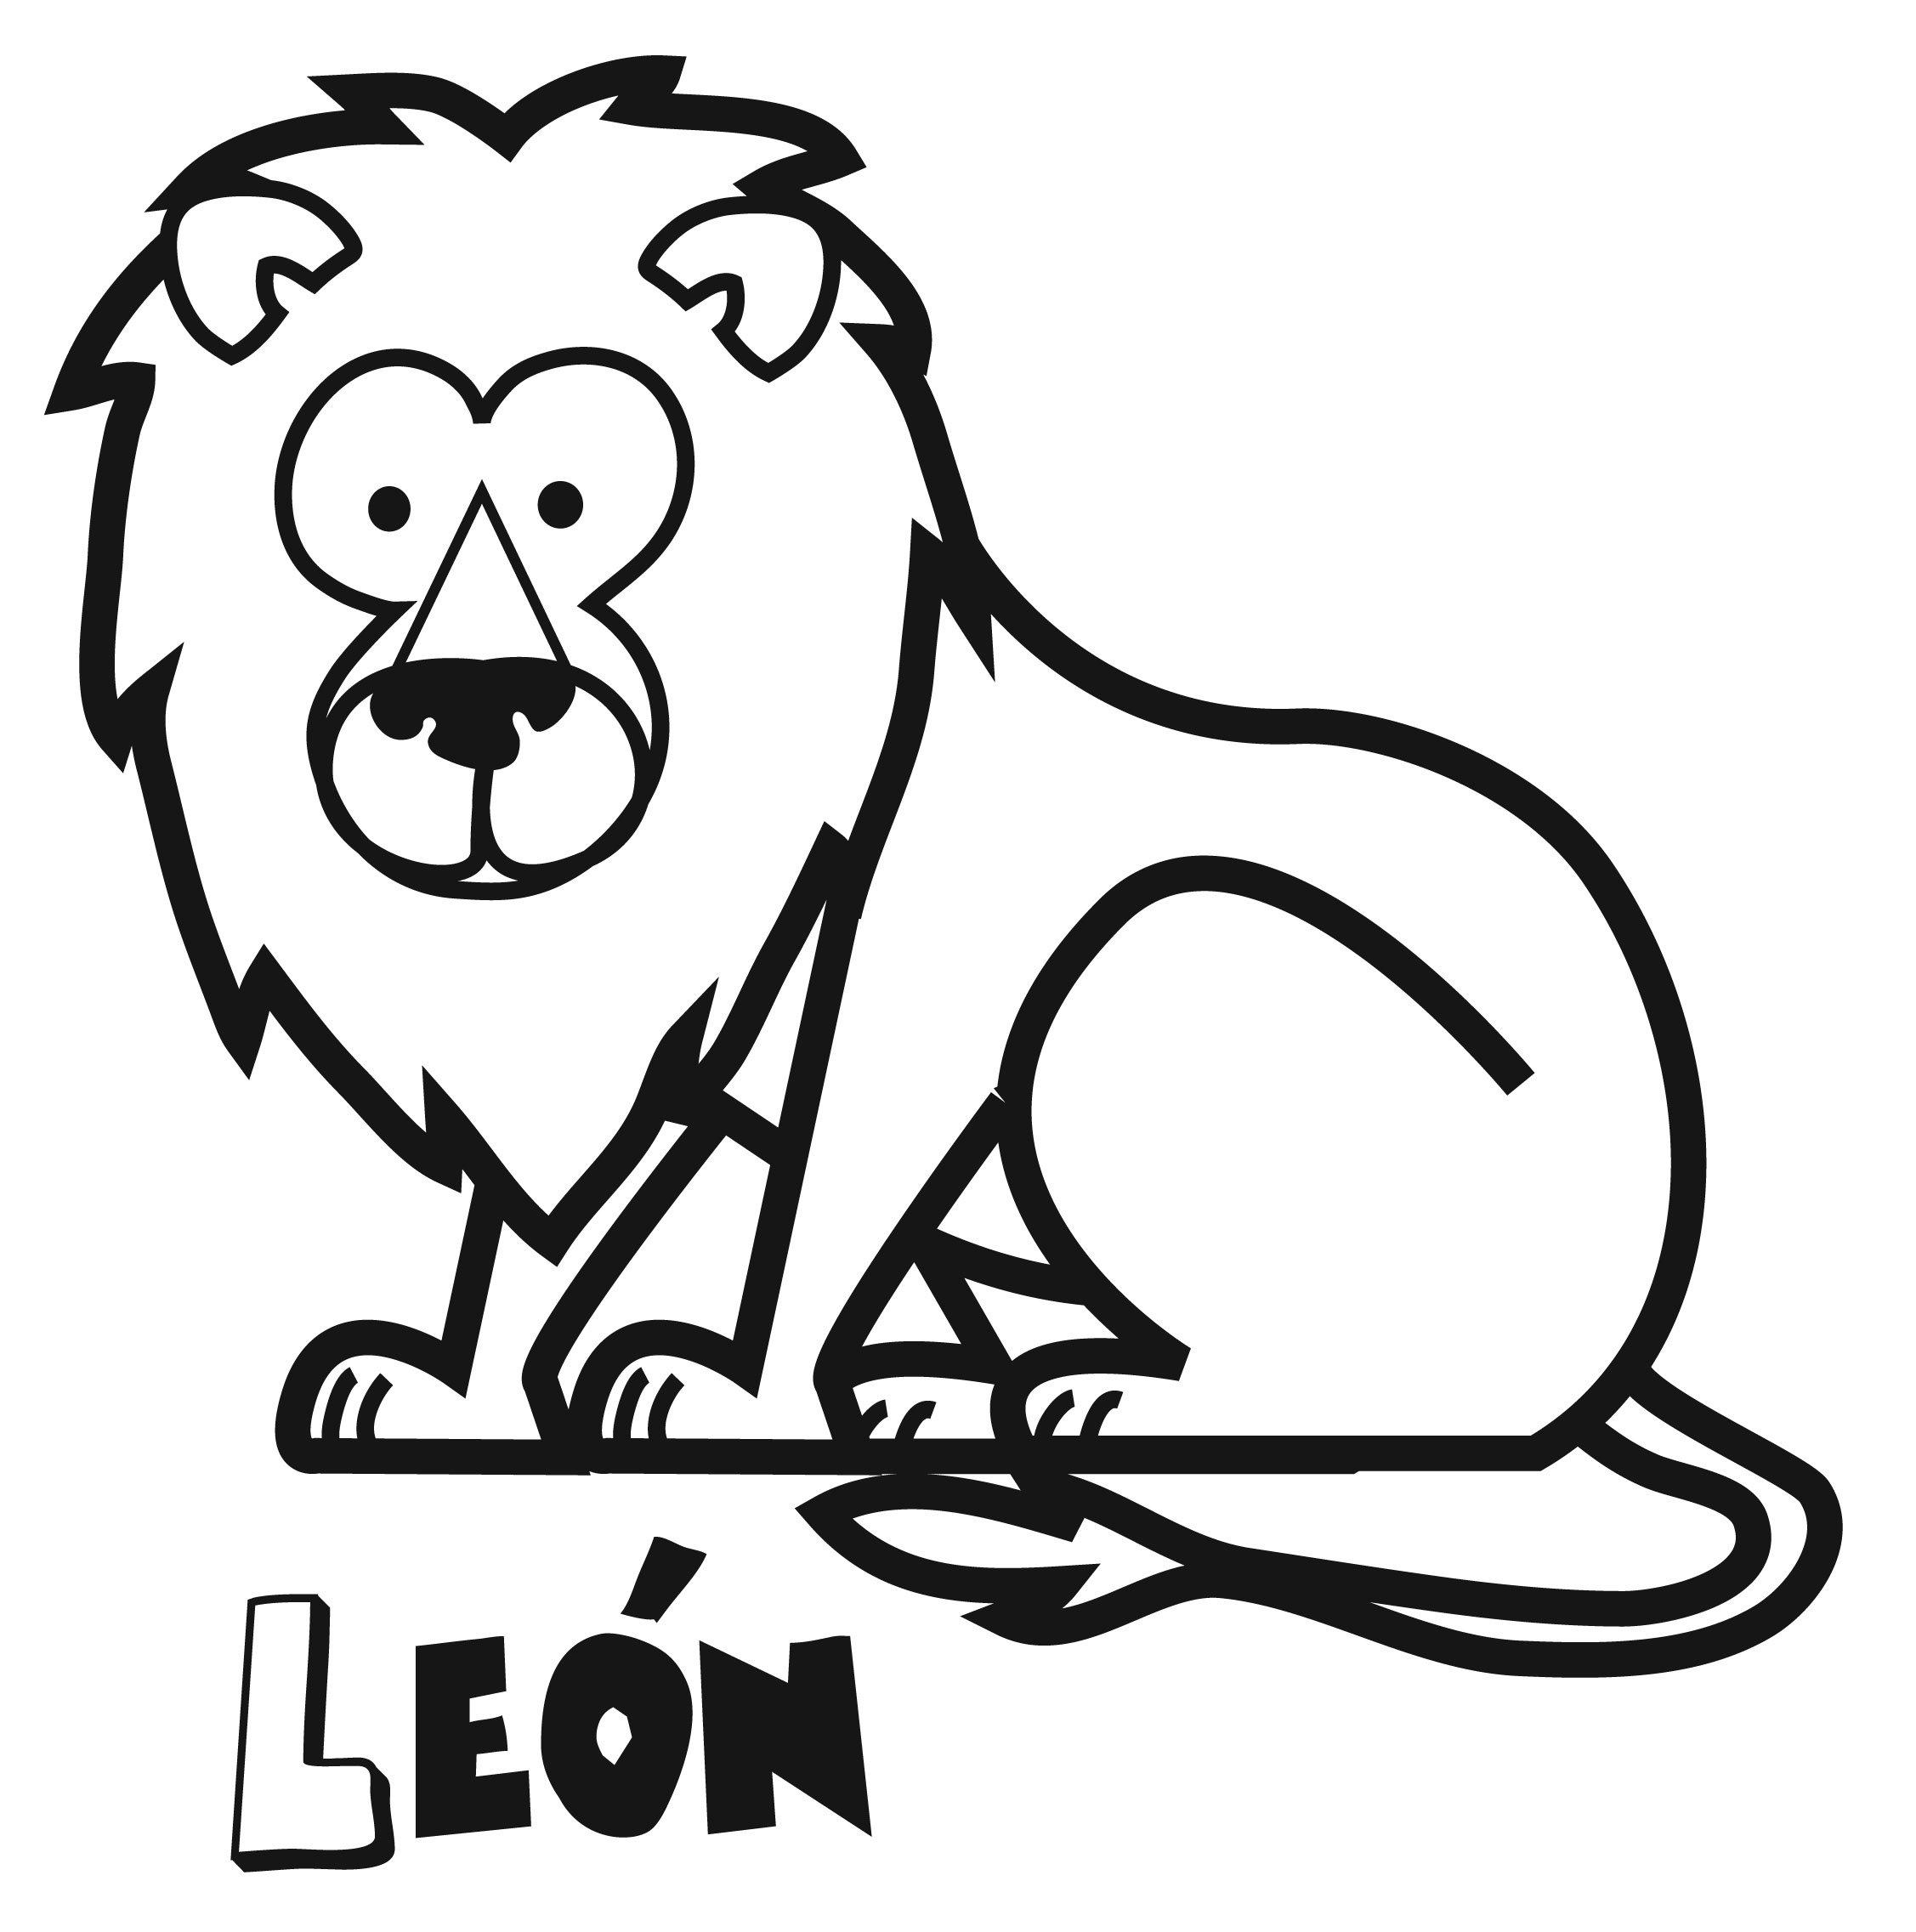 Dibujos de le n para imprimir y colorear dibujos de animales for Dibujo de una piedra para colorear